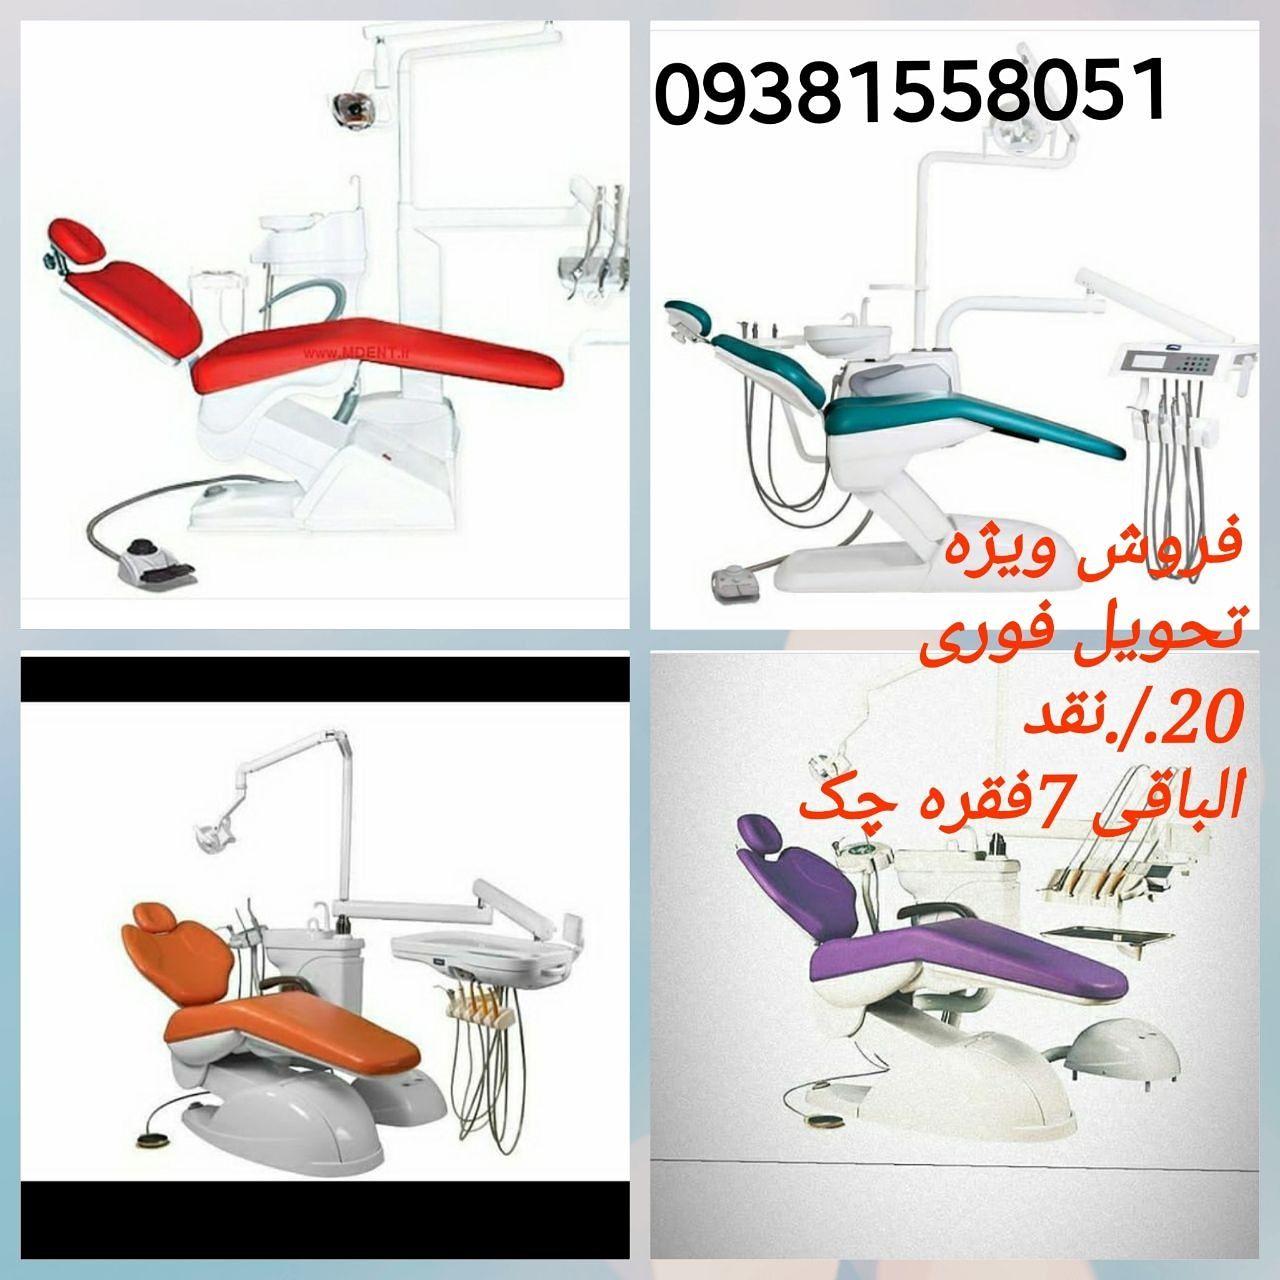 تهران: خریدوفروش کلیه تجهیزات دندانپزشکی دست دوم واکبند